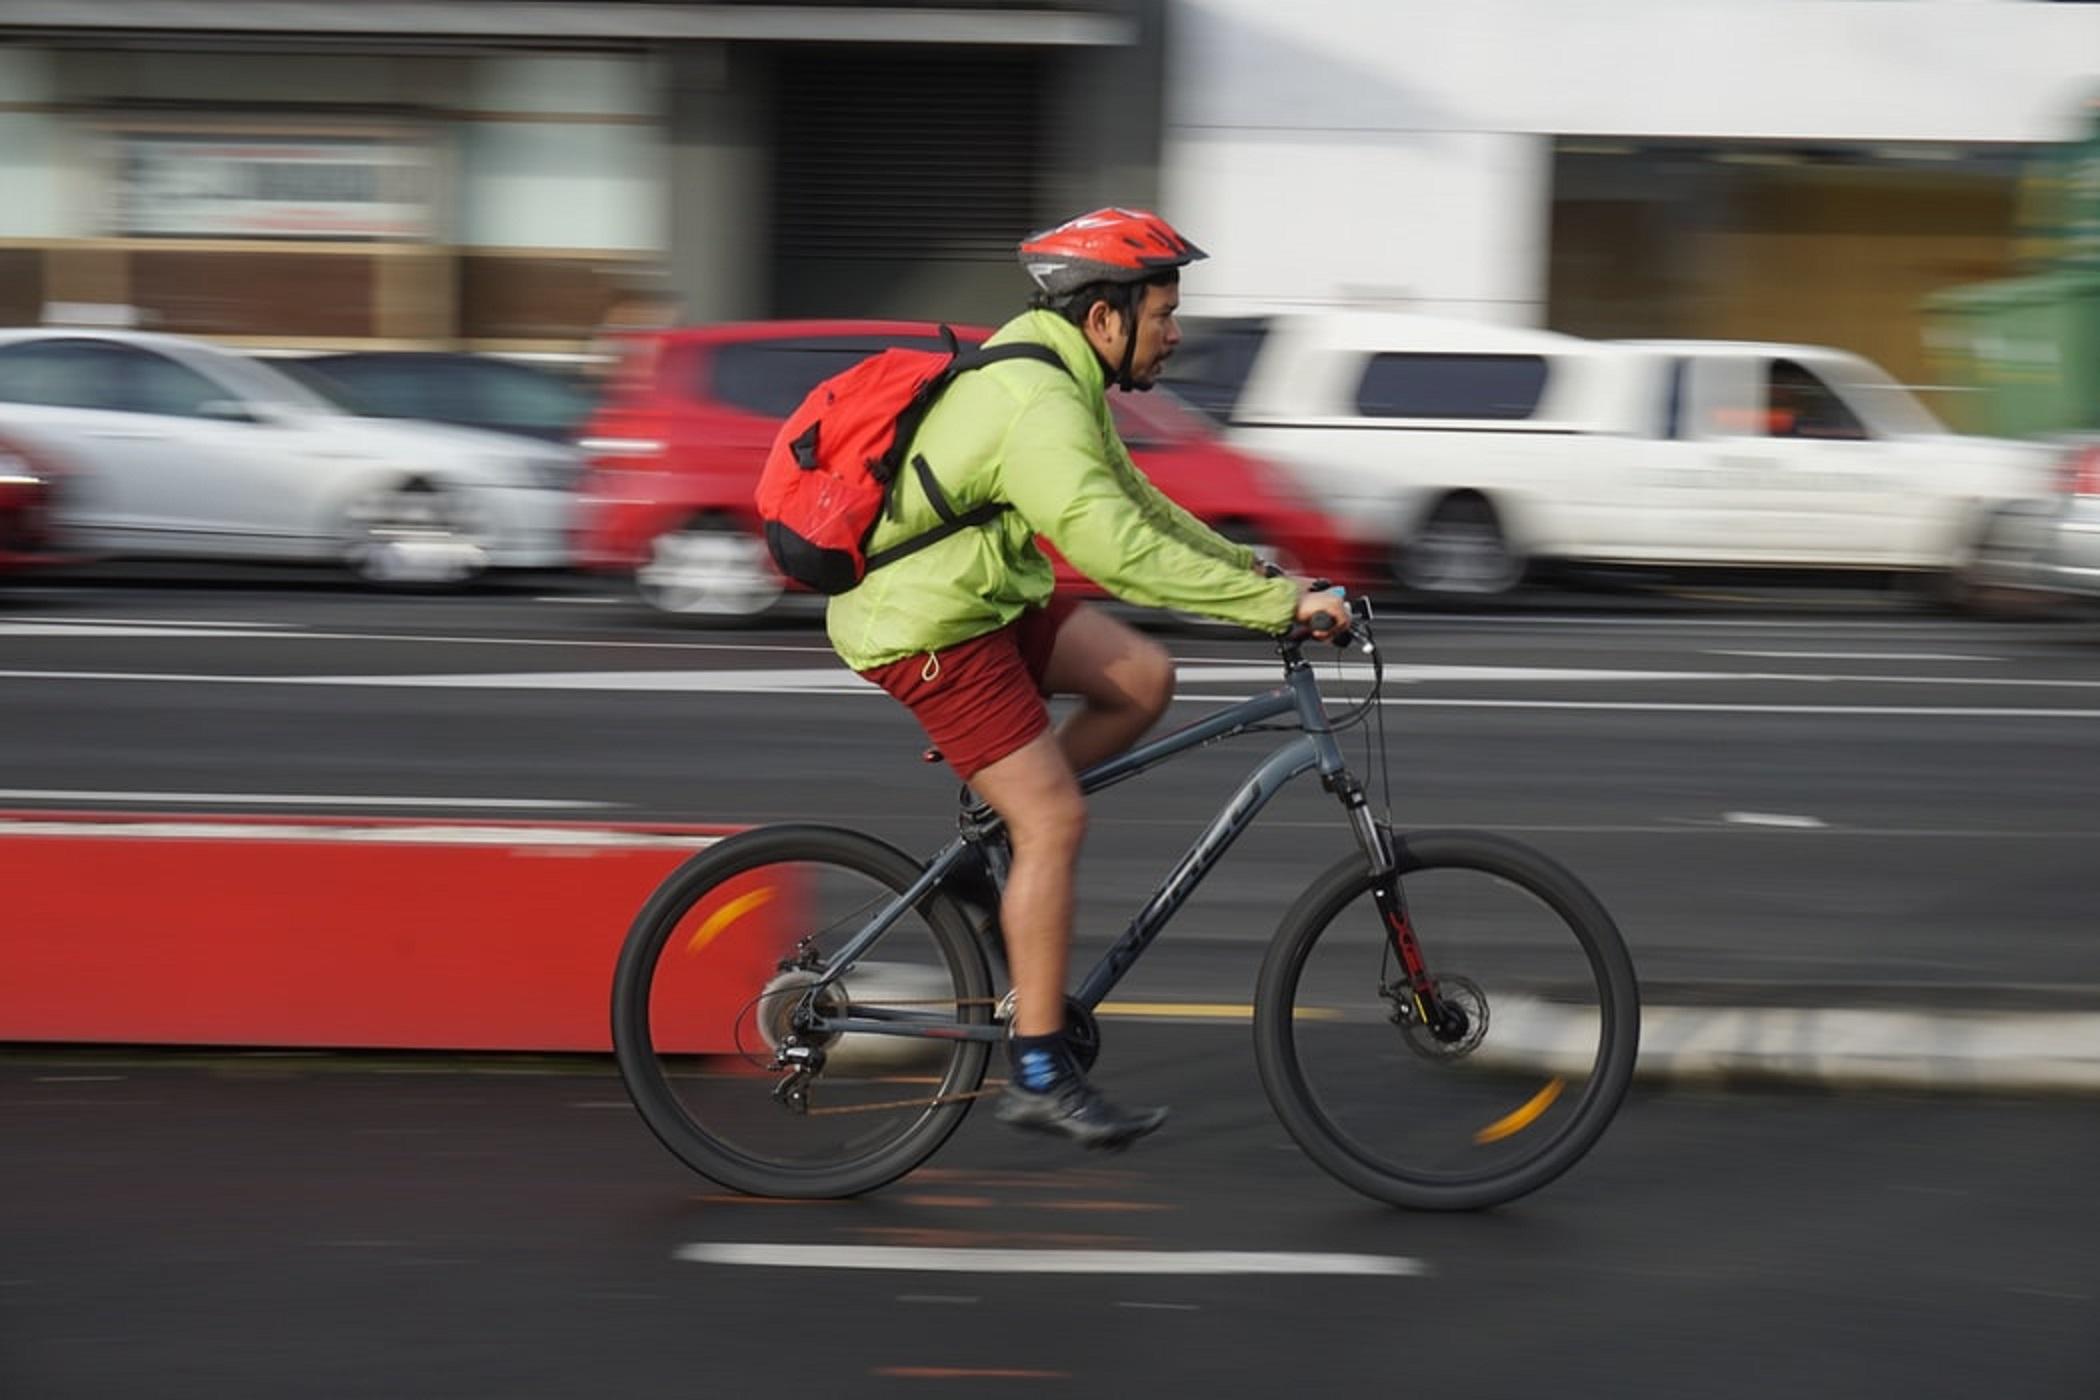 Le tracé cyclable supplémentaire à Rimouski est une bonne initiative pour les déplacements au centre-ville